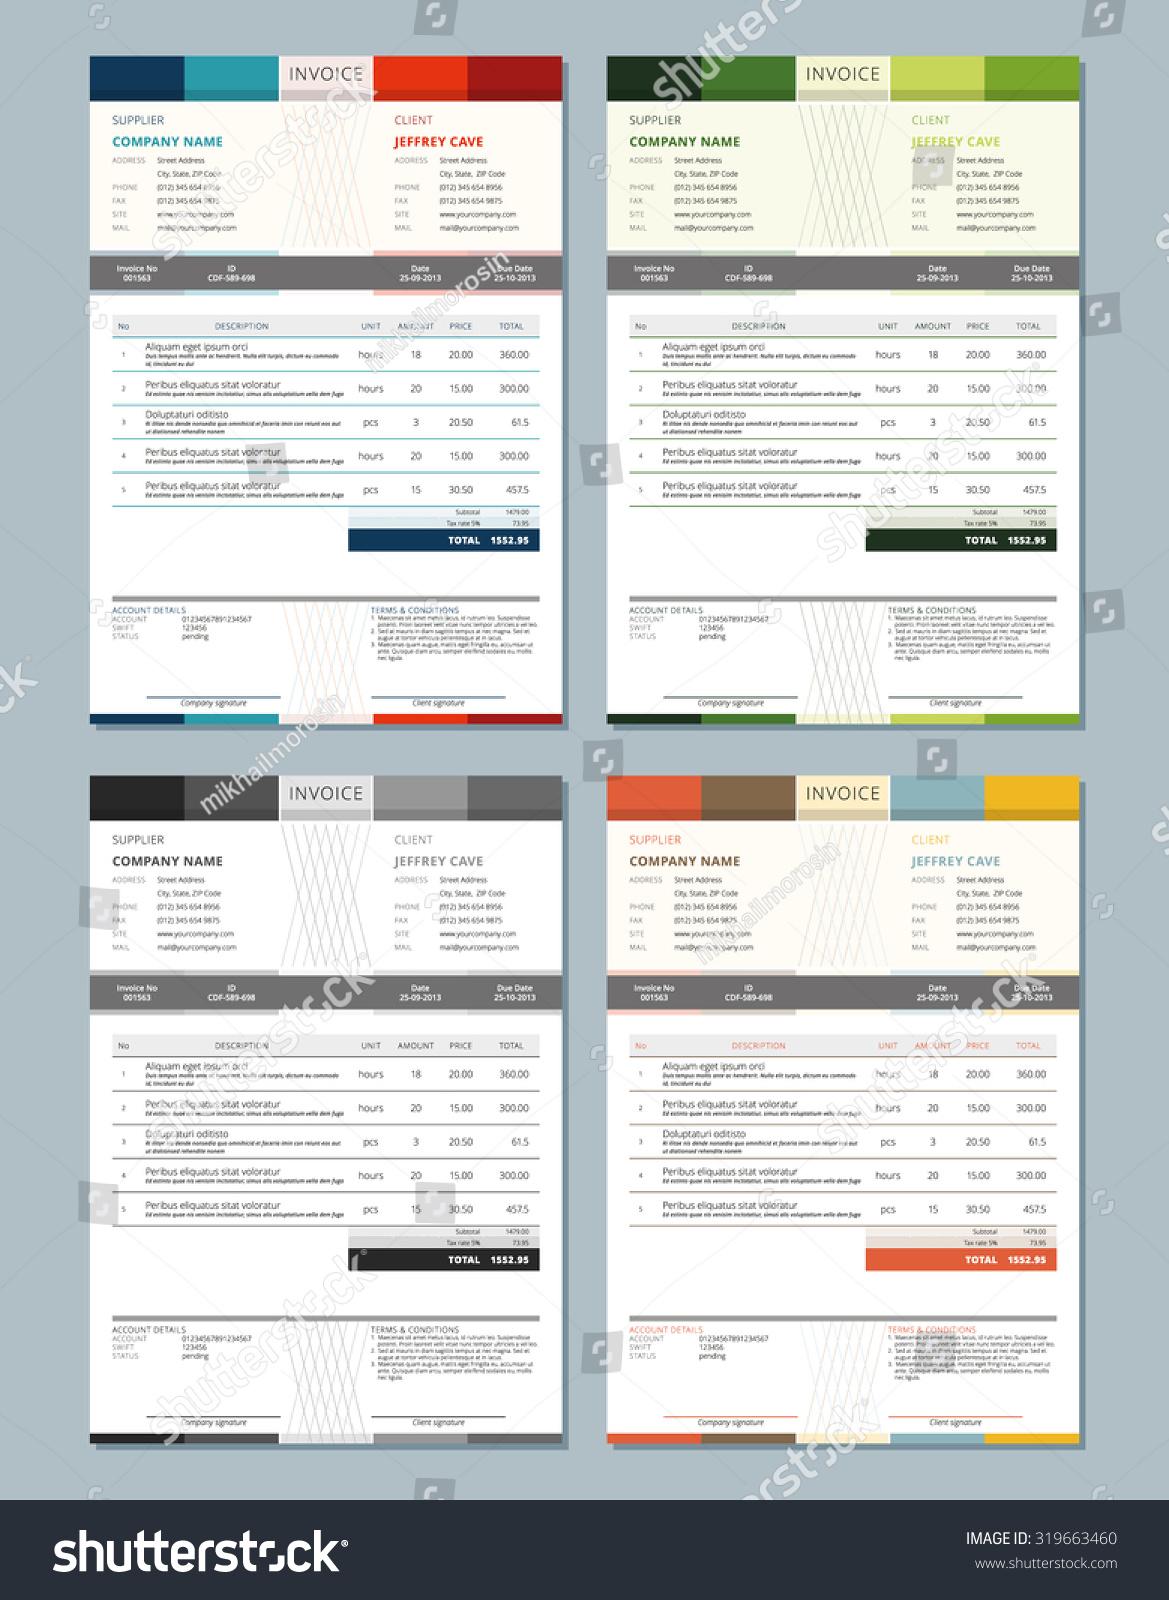 Design Architect Invoice Template